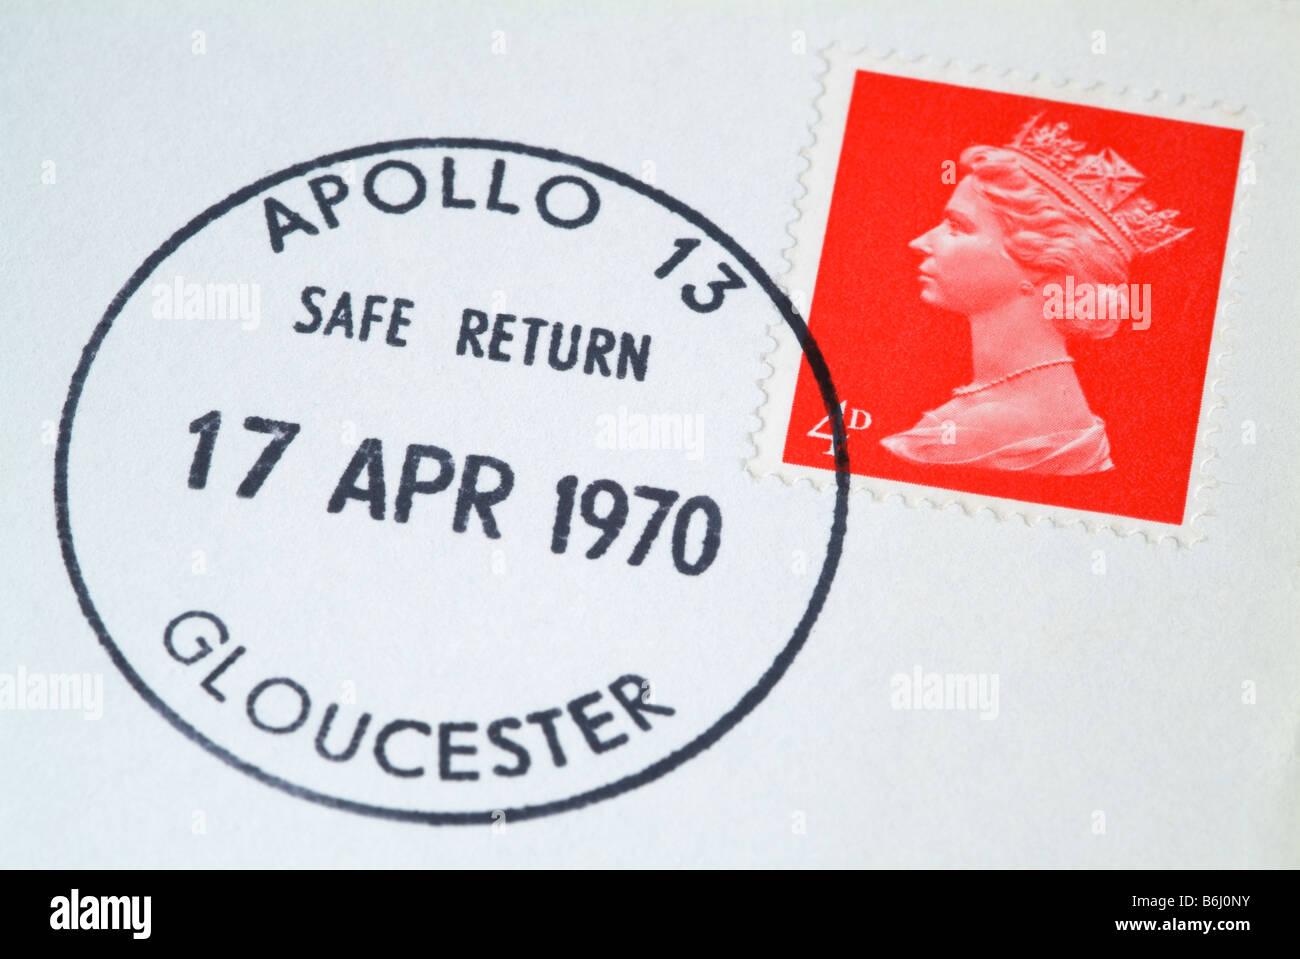 Apollo 13 safe return postmark on a UK letter. - Stock Image